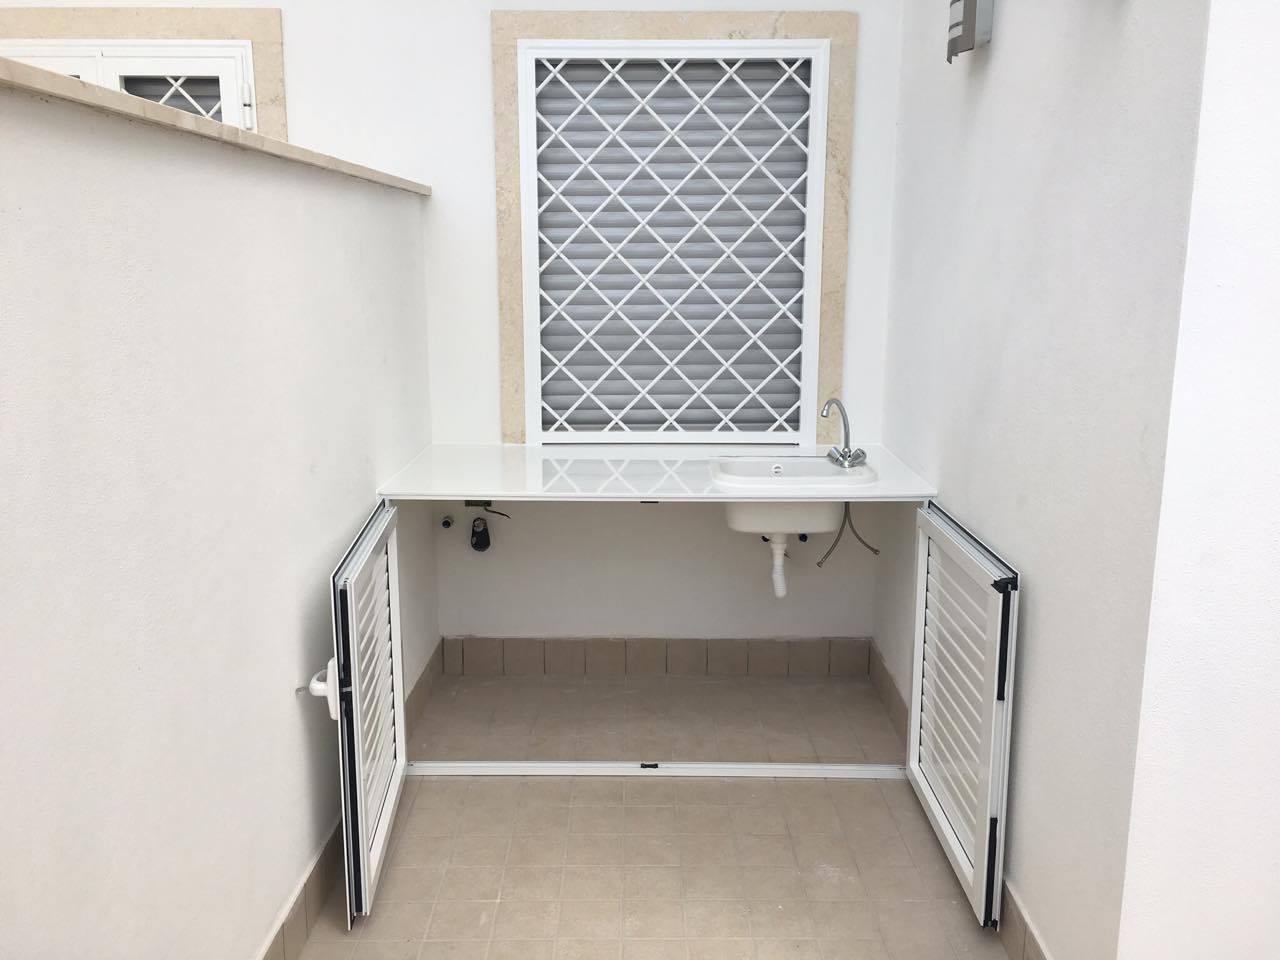 Armadio basso con piccolo lavandino a destra, sotto finestra con grata